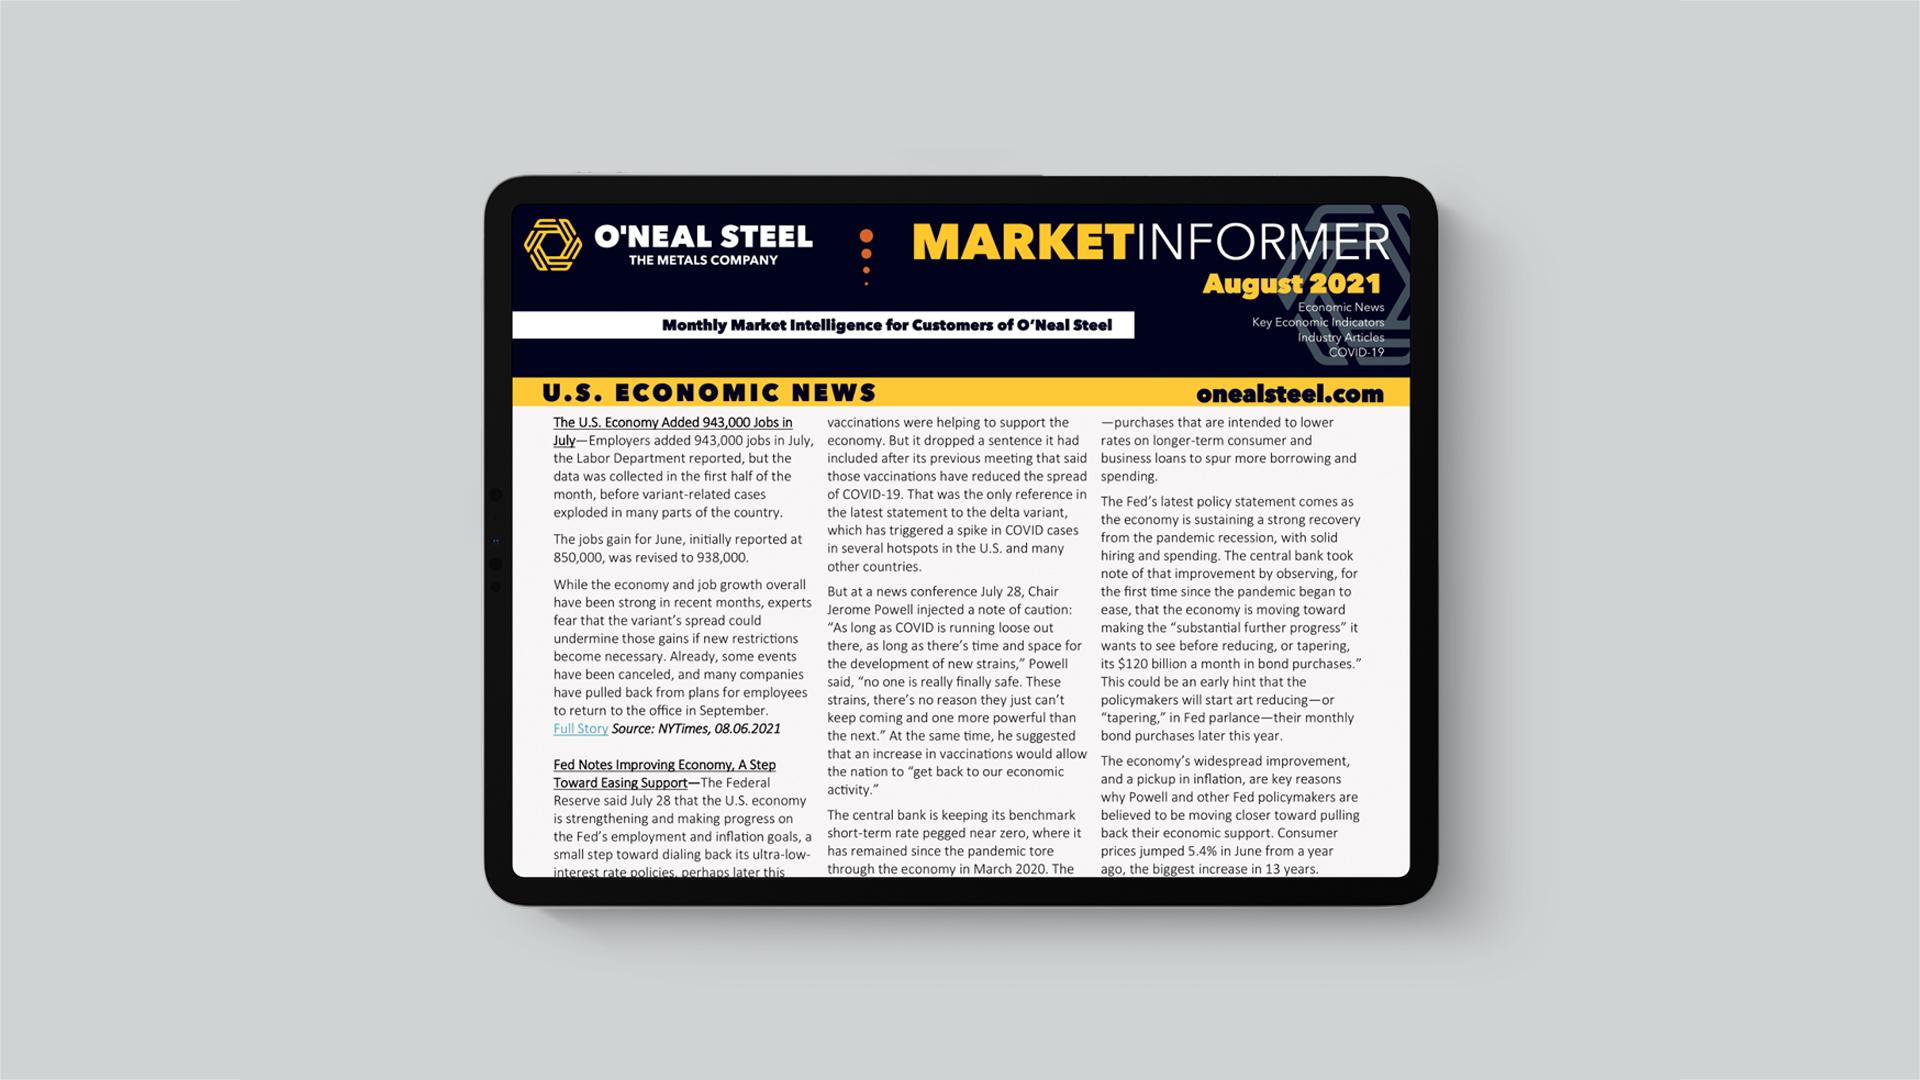 August 2021 O'Neal Steel Market Informer